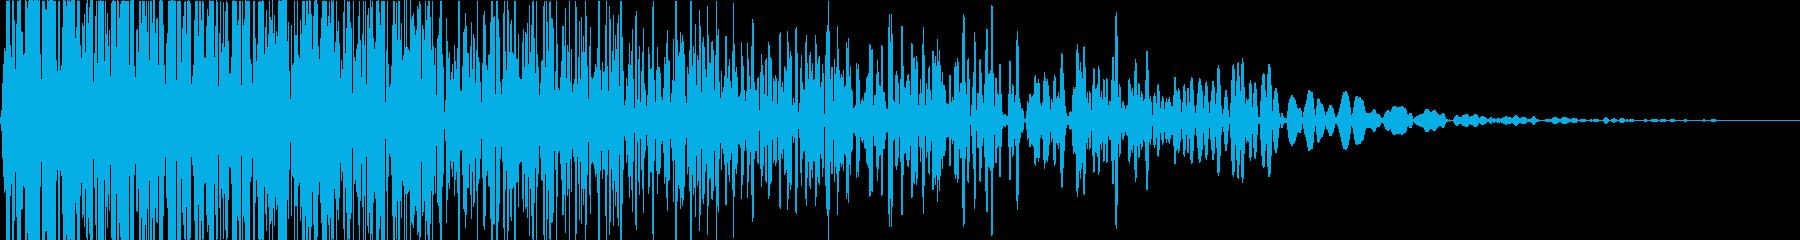 ビューン(ゲーム/移動音/効果音)の再生済みの波形